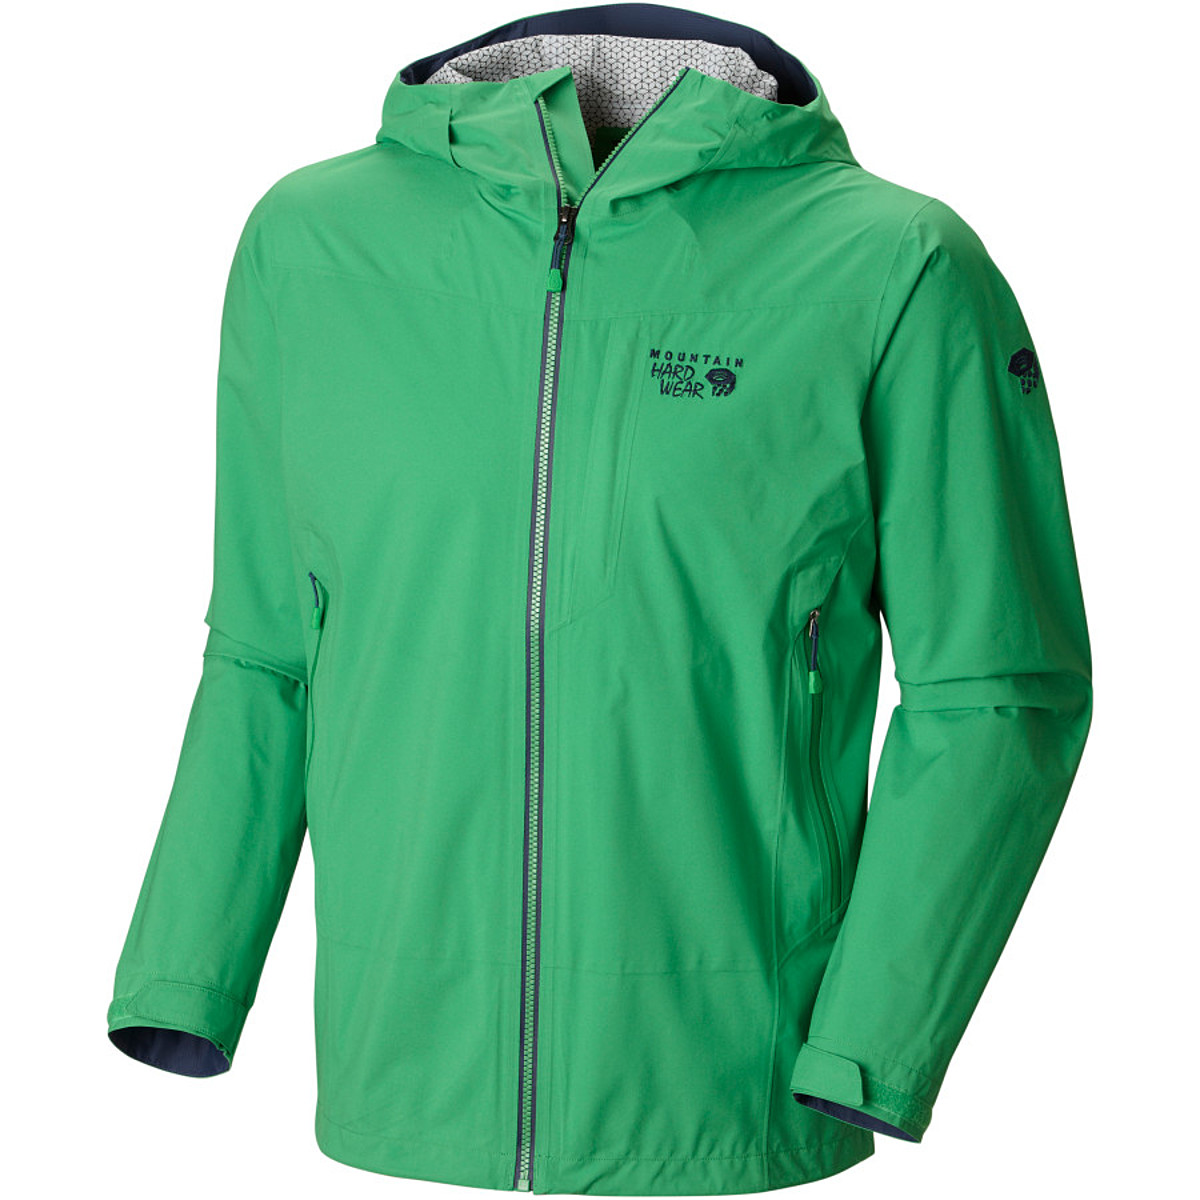 Mountain Hardwear Stretch Plasmic Jacket